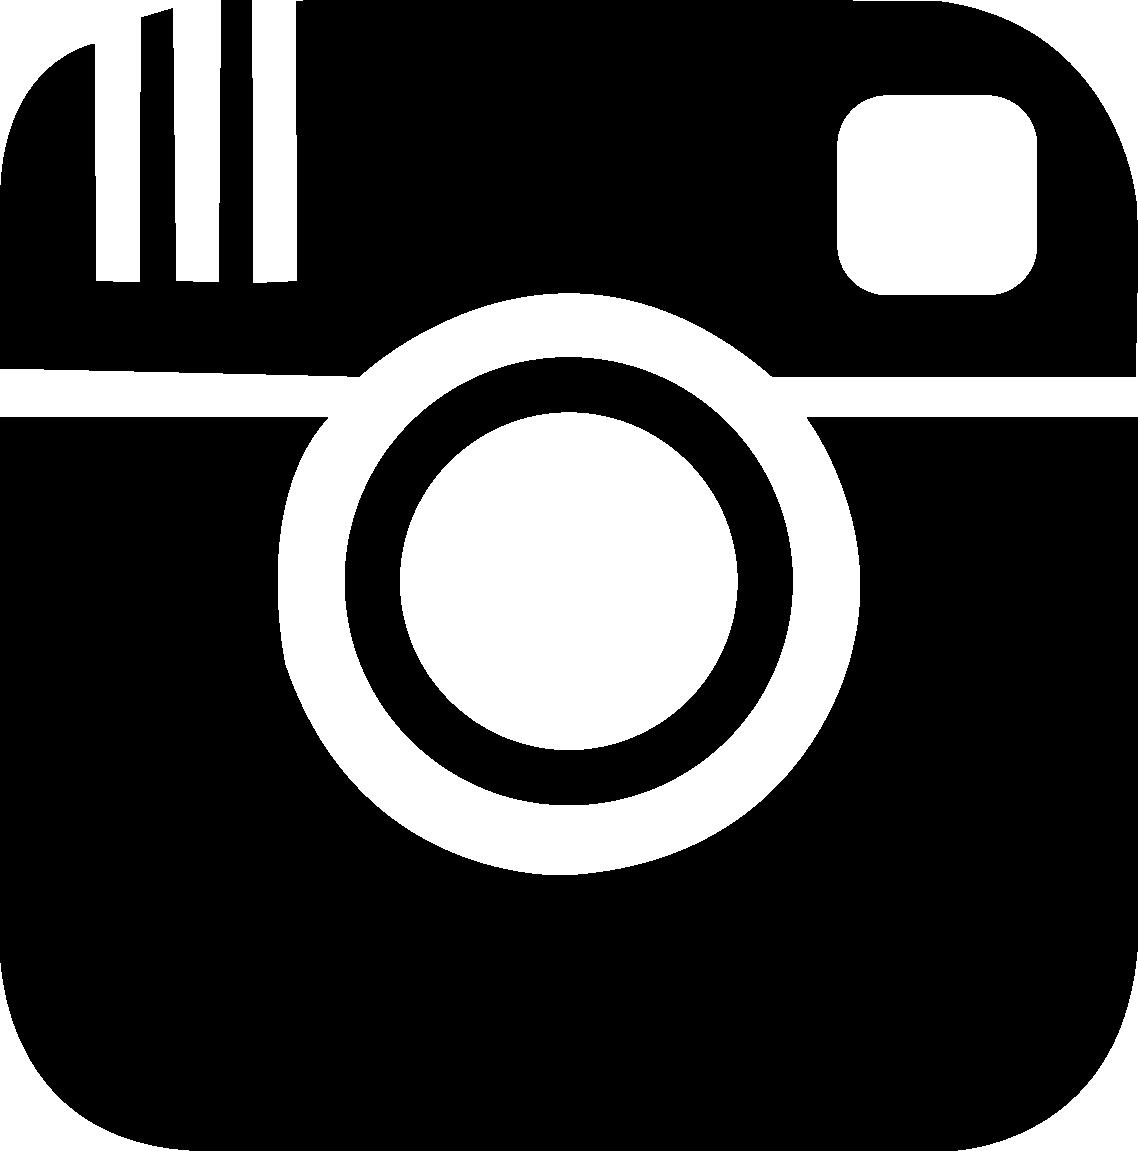 Volg Liliana de Vries op Instagram